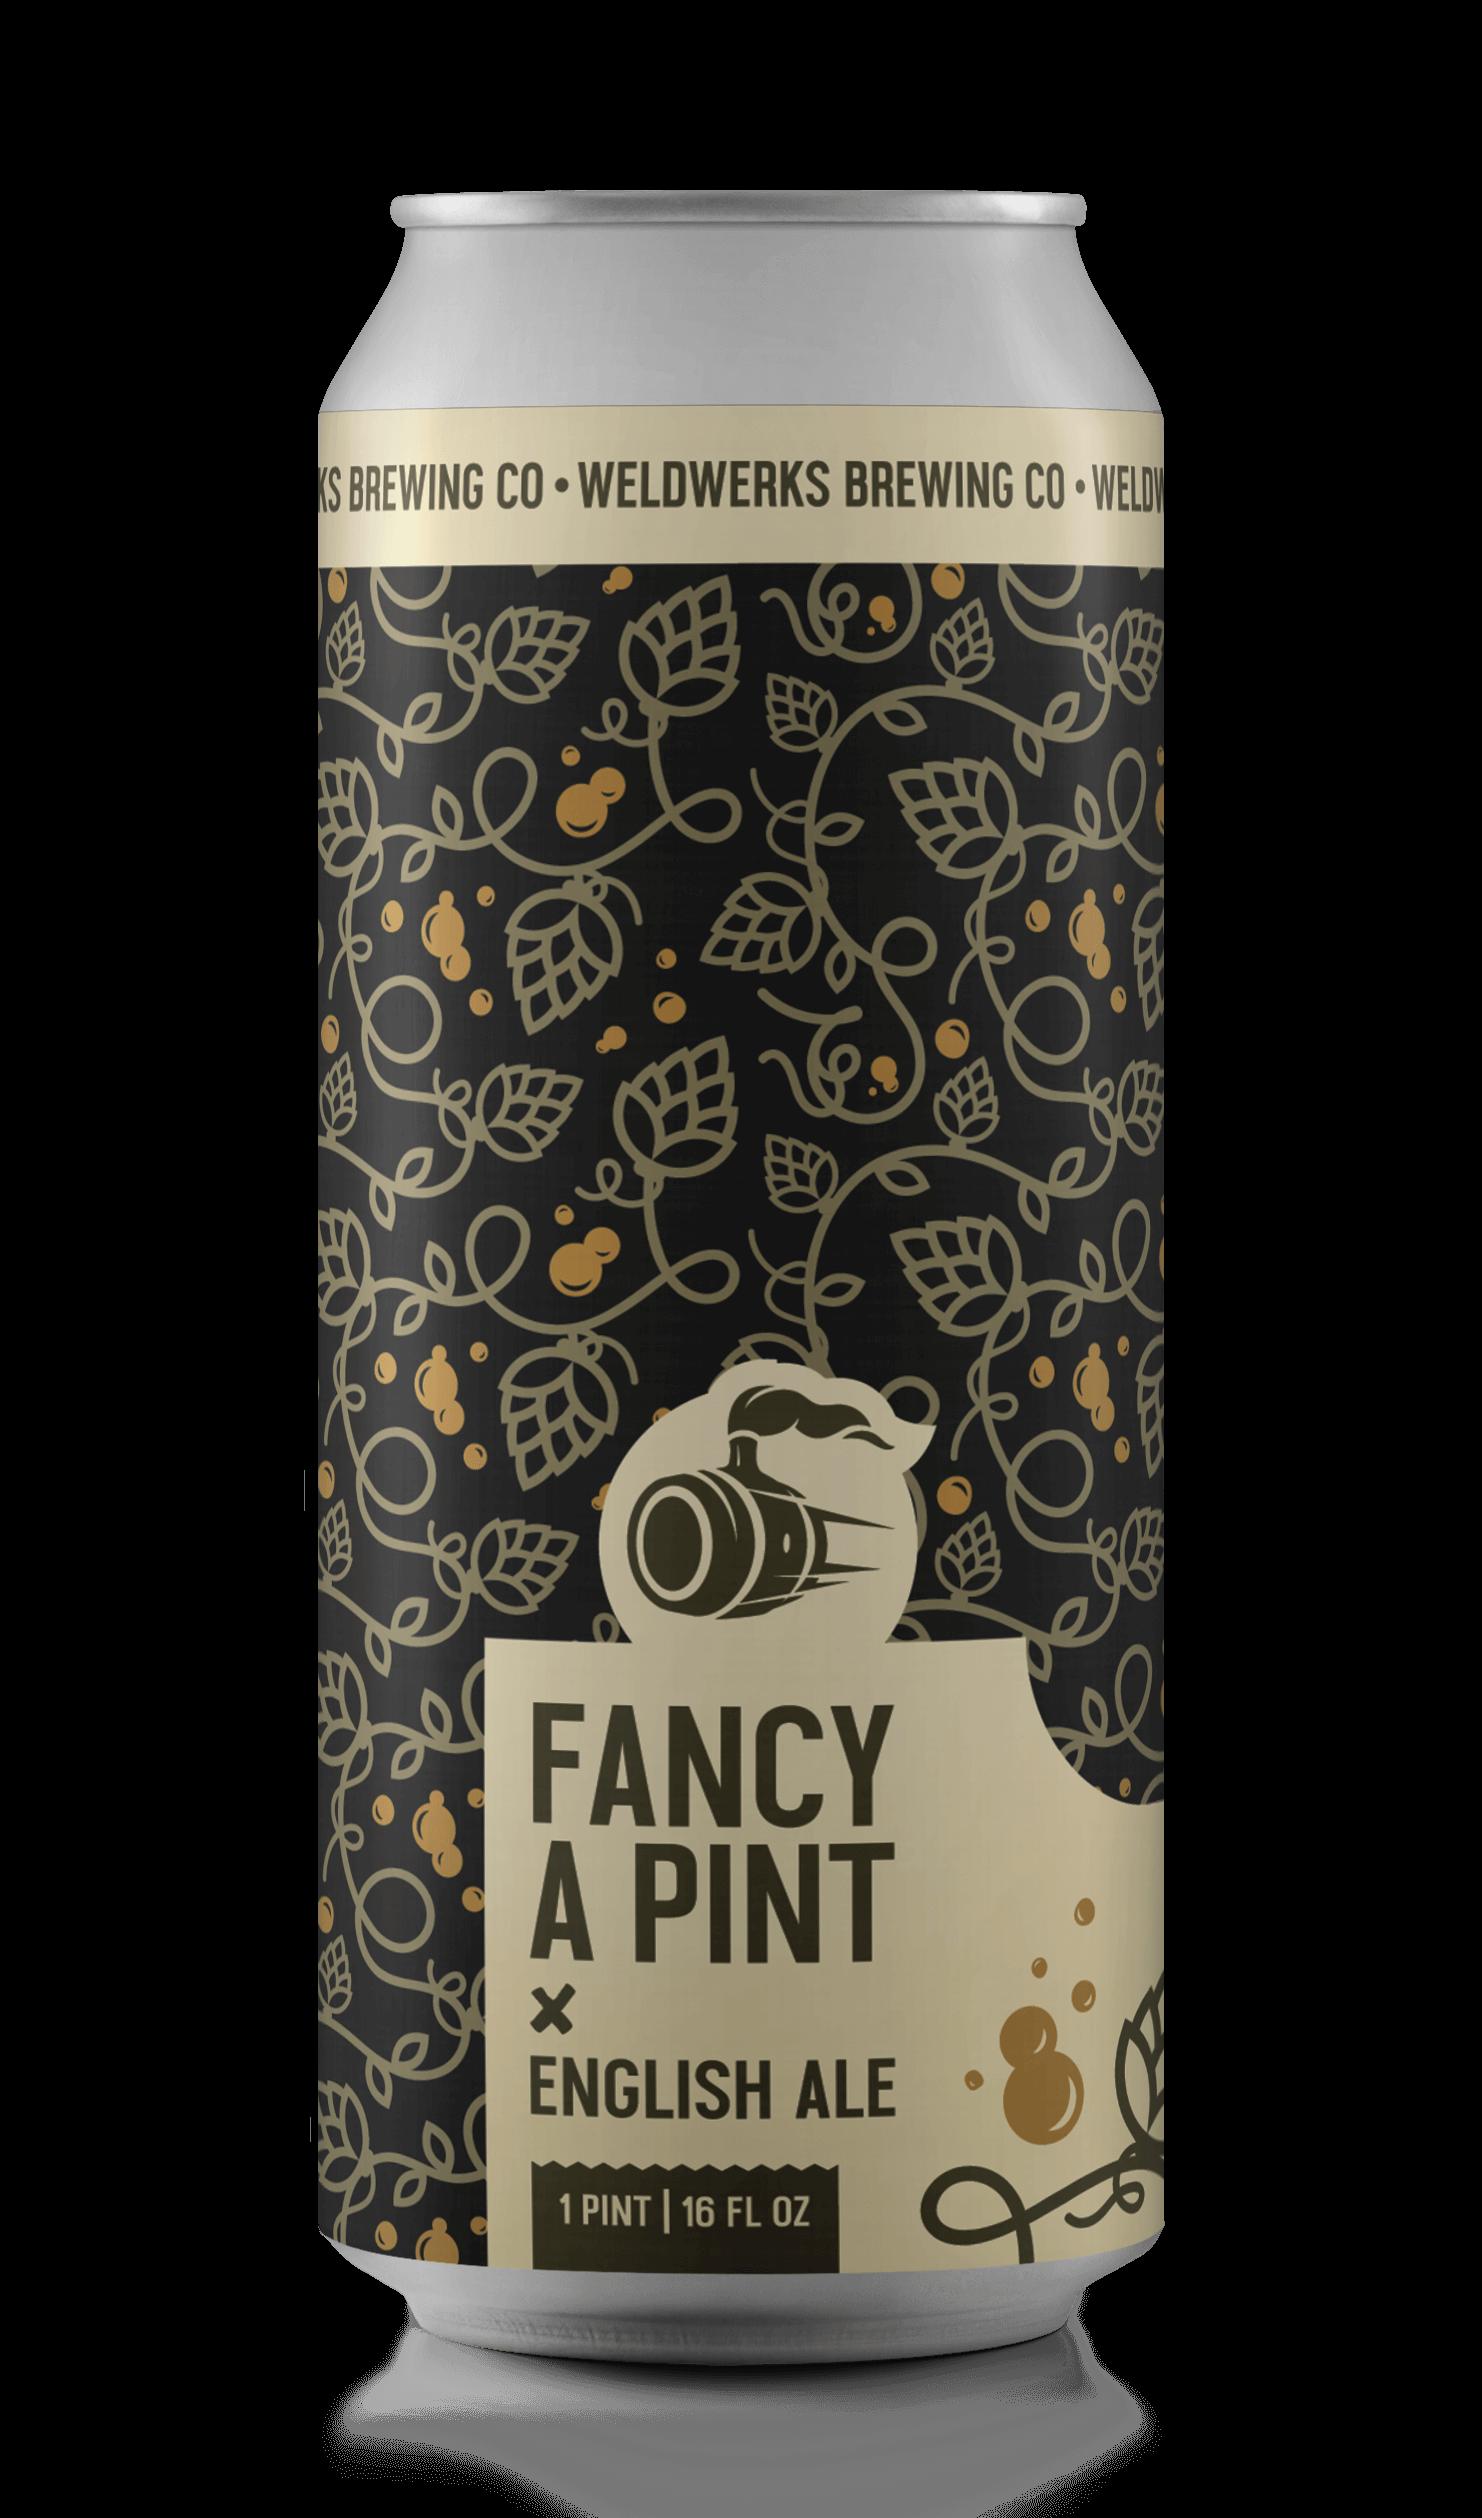 Fancy A Pint